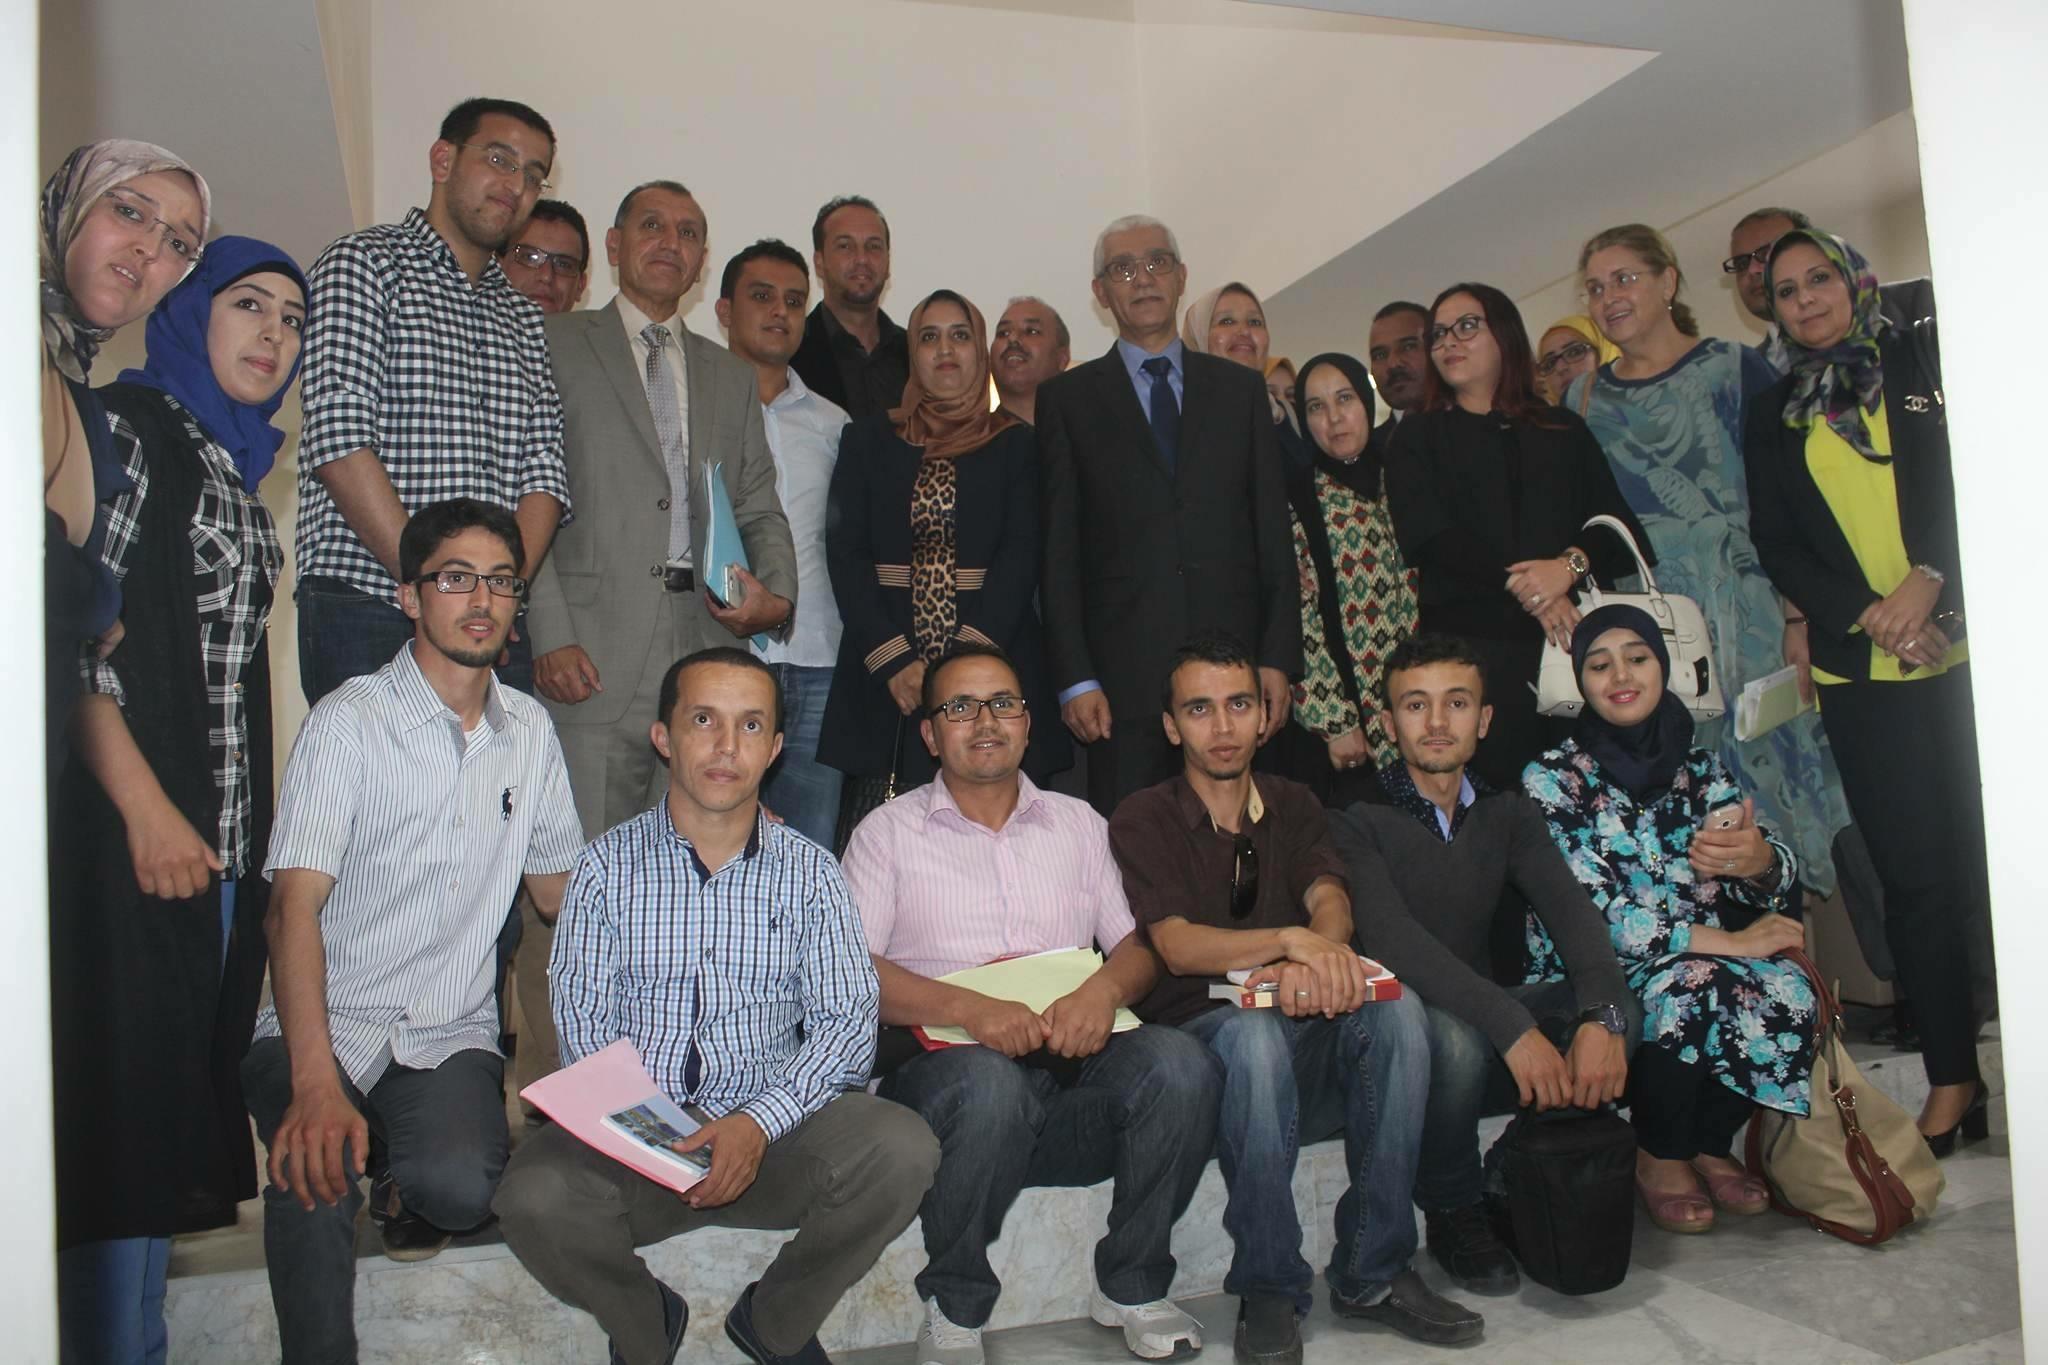 أنشطة مكثفة وزيارة متميزة لفعاليات حزب الحمامة بتيزنيت لمقر البرلمان ومدينة الدار البيضاء